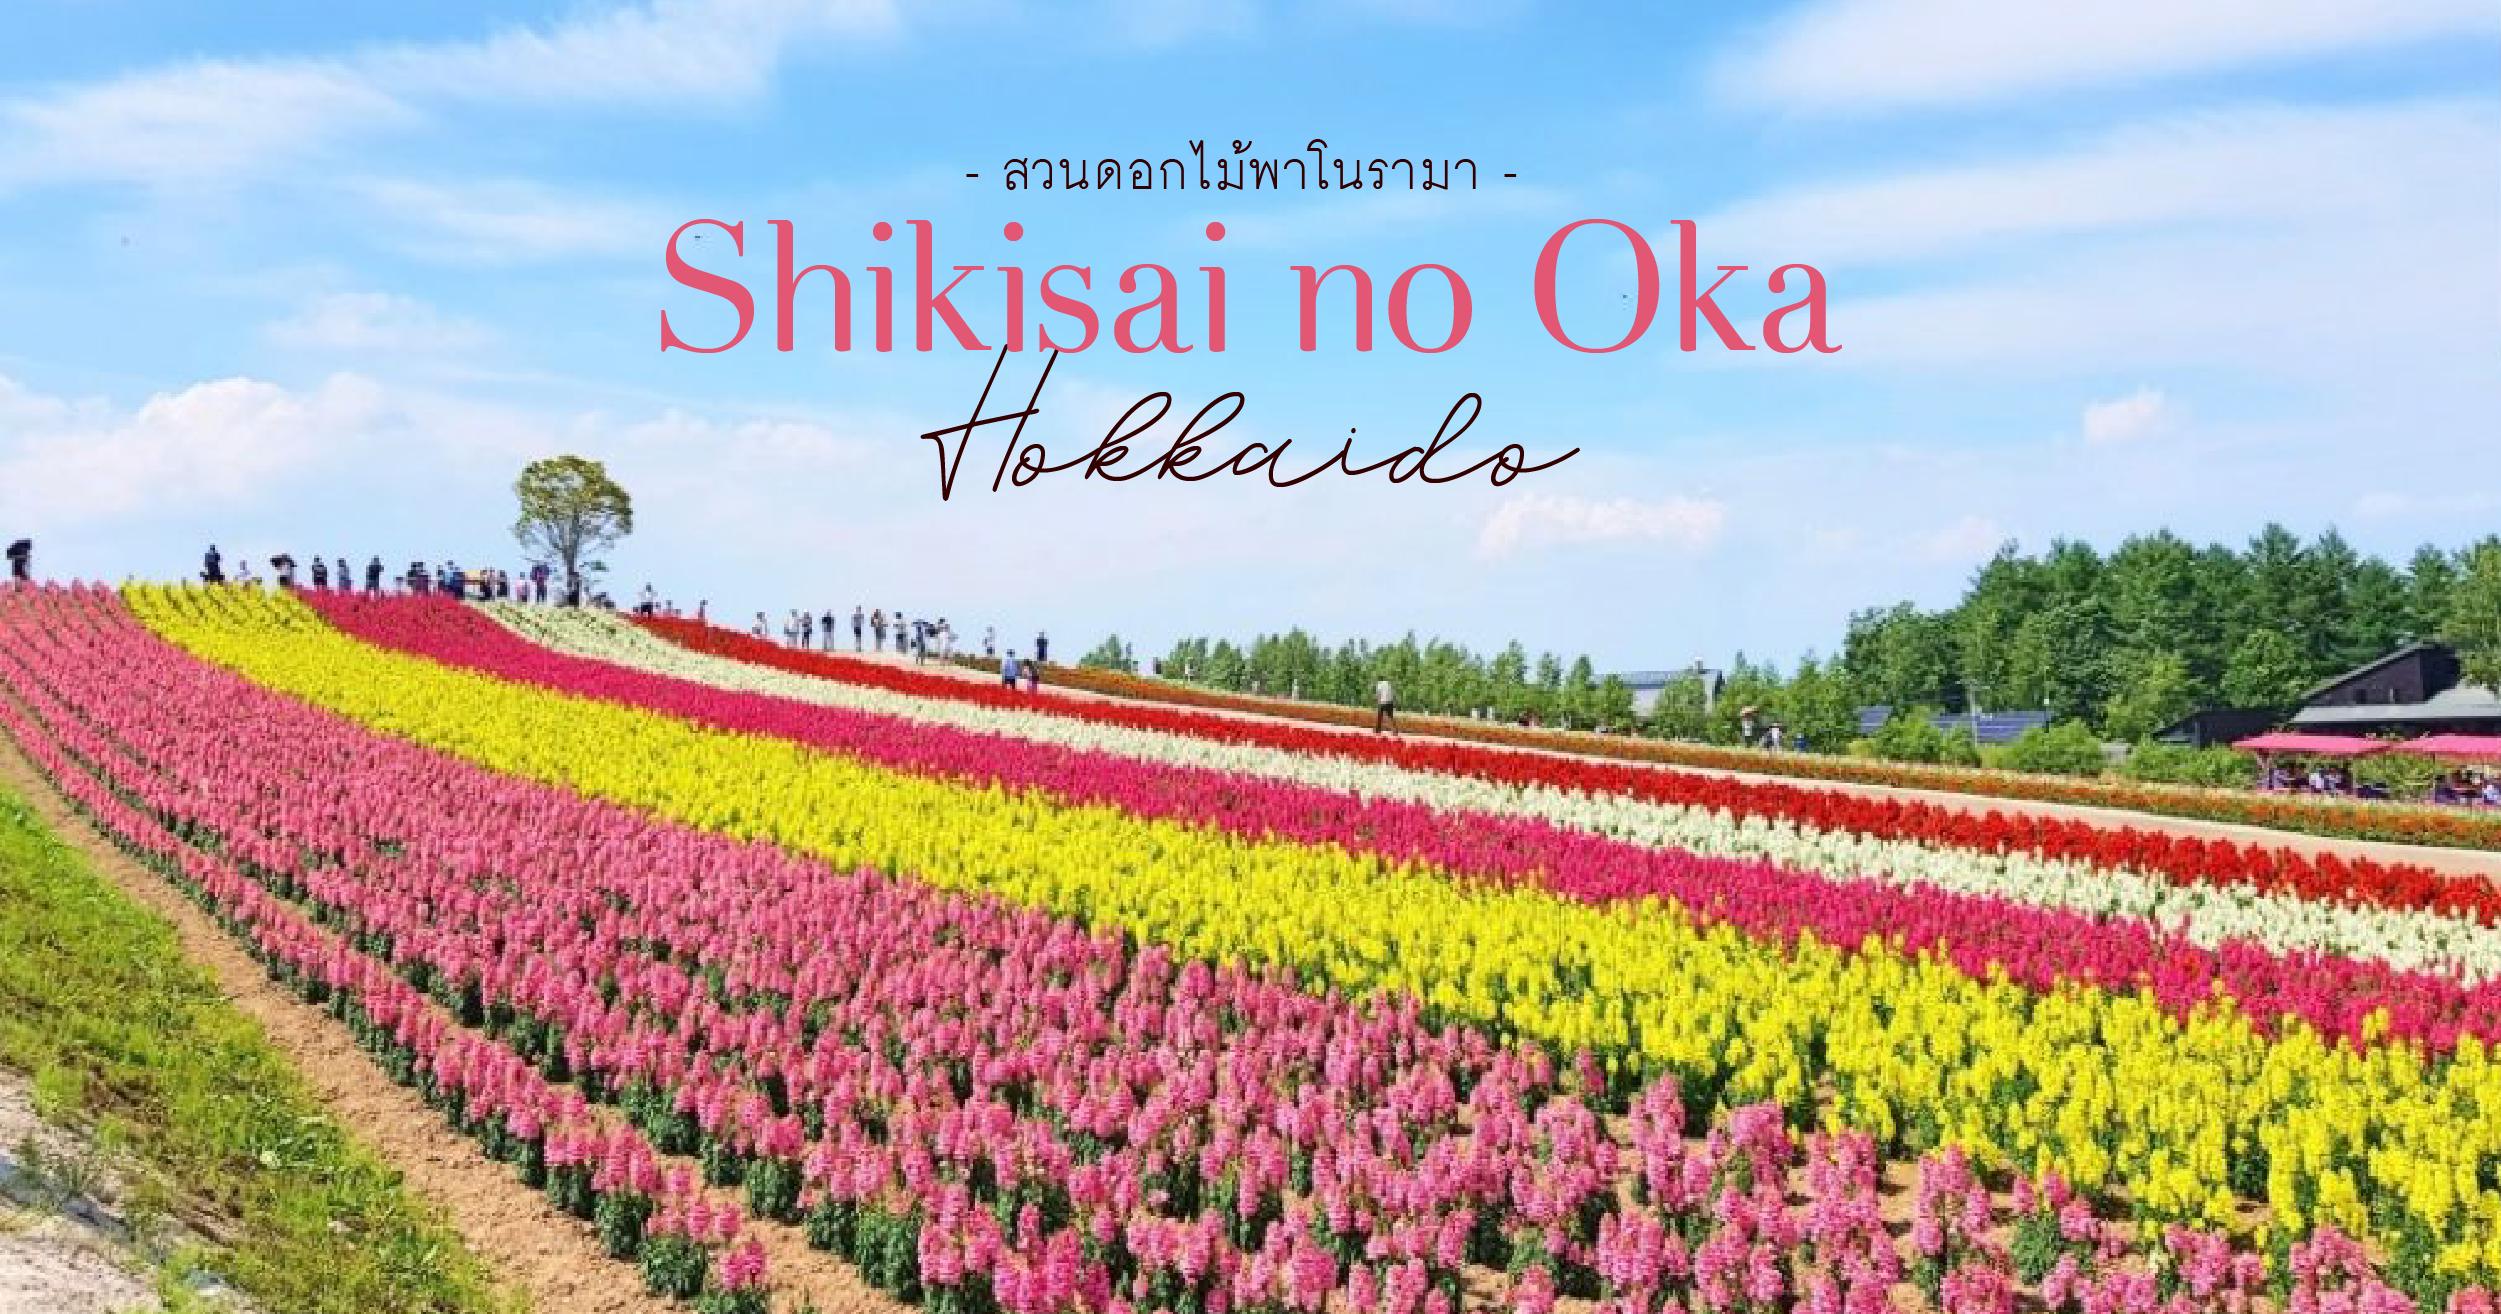 flower-park Shikisai no Oka Hokkaido